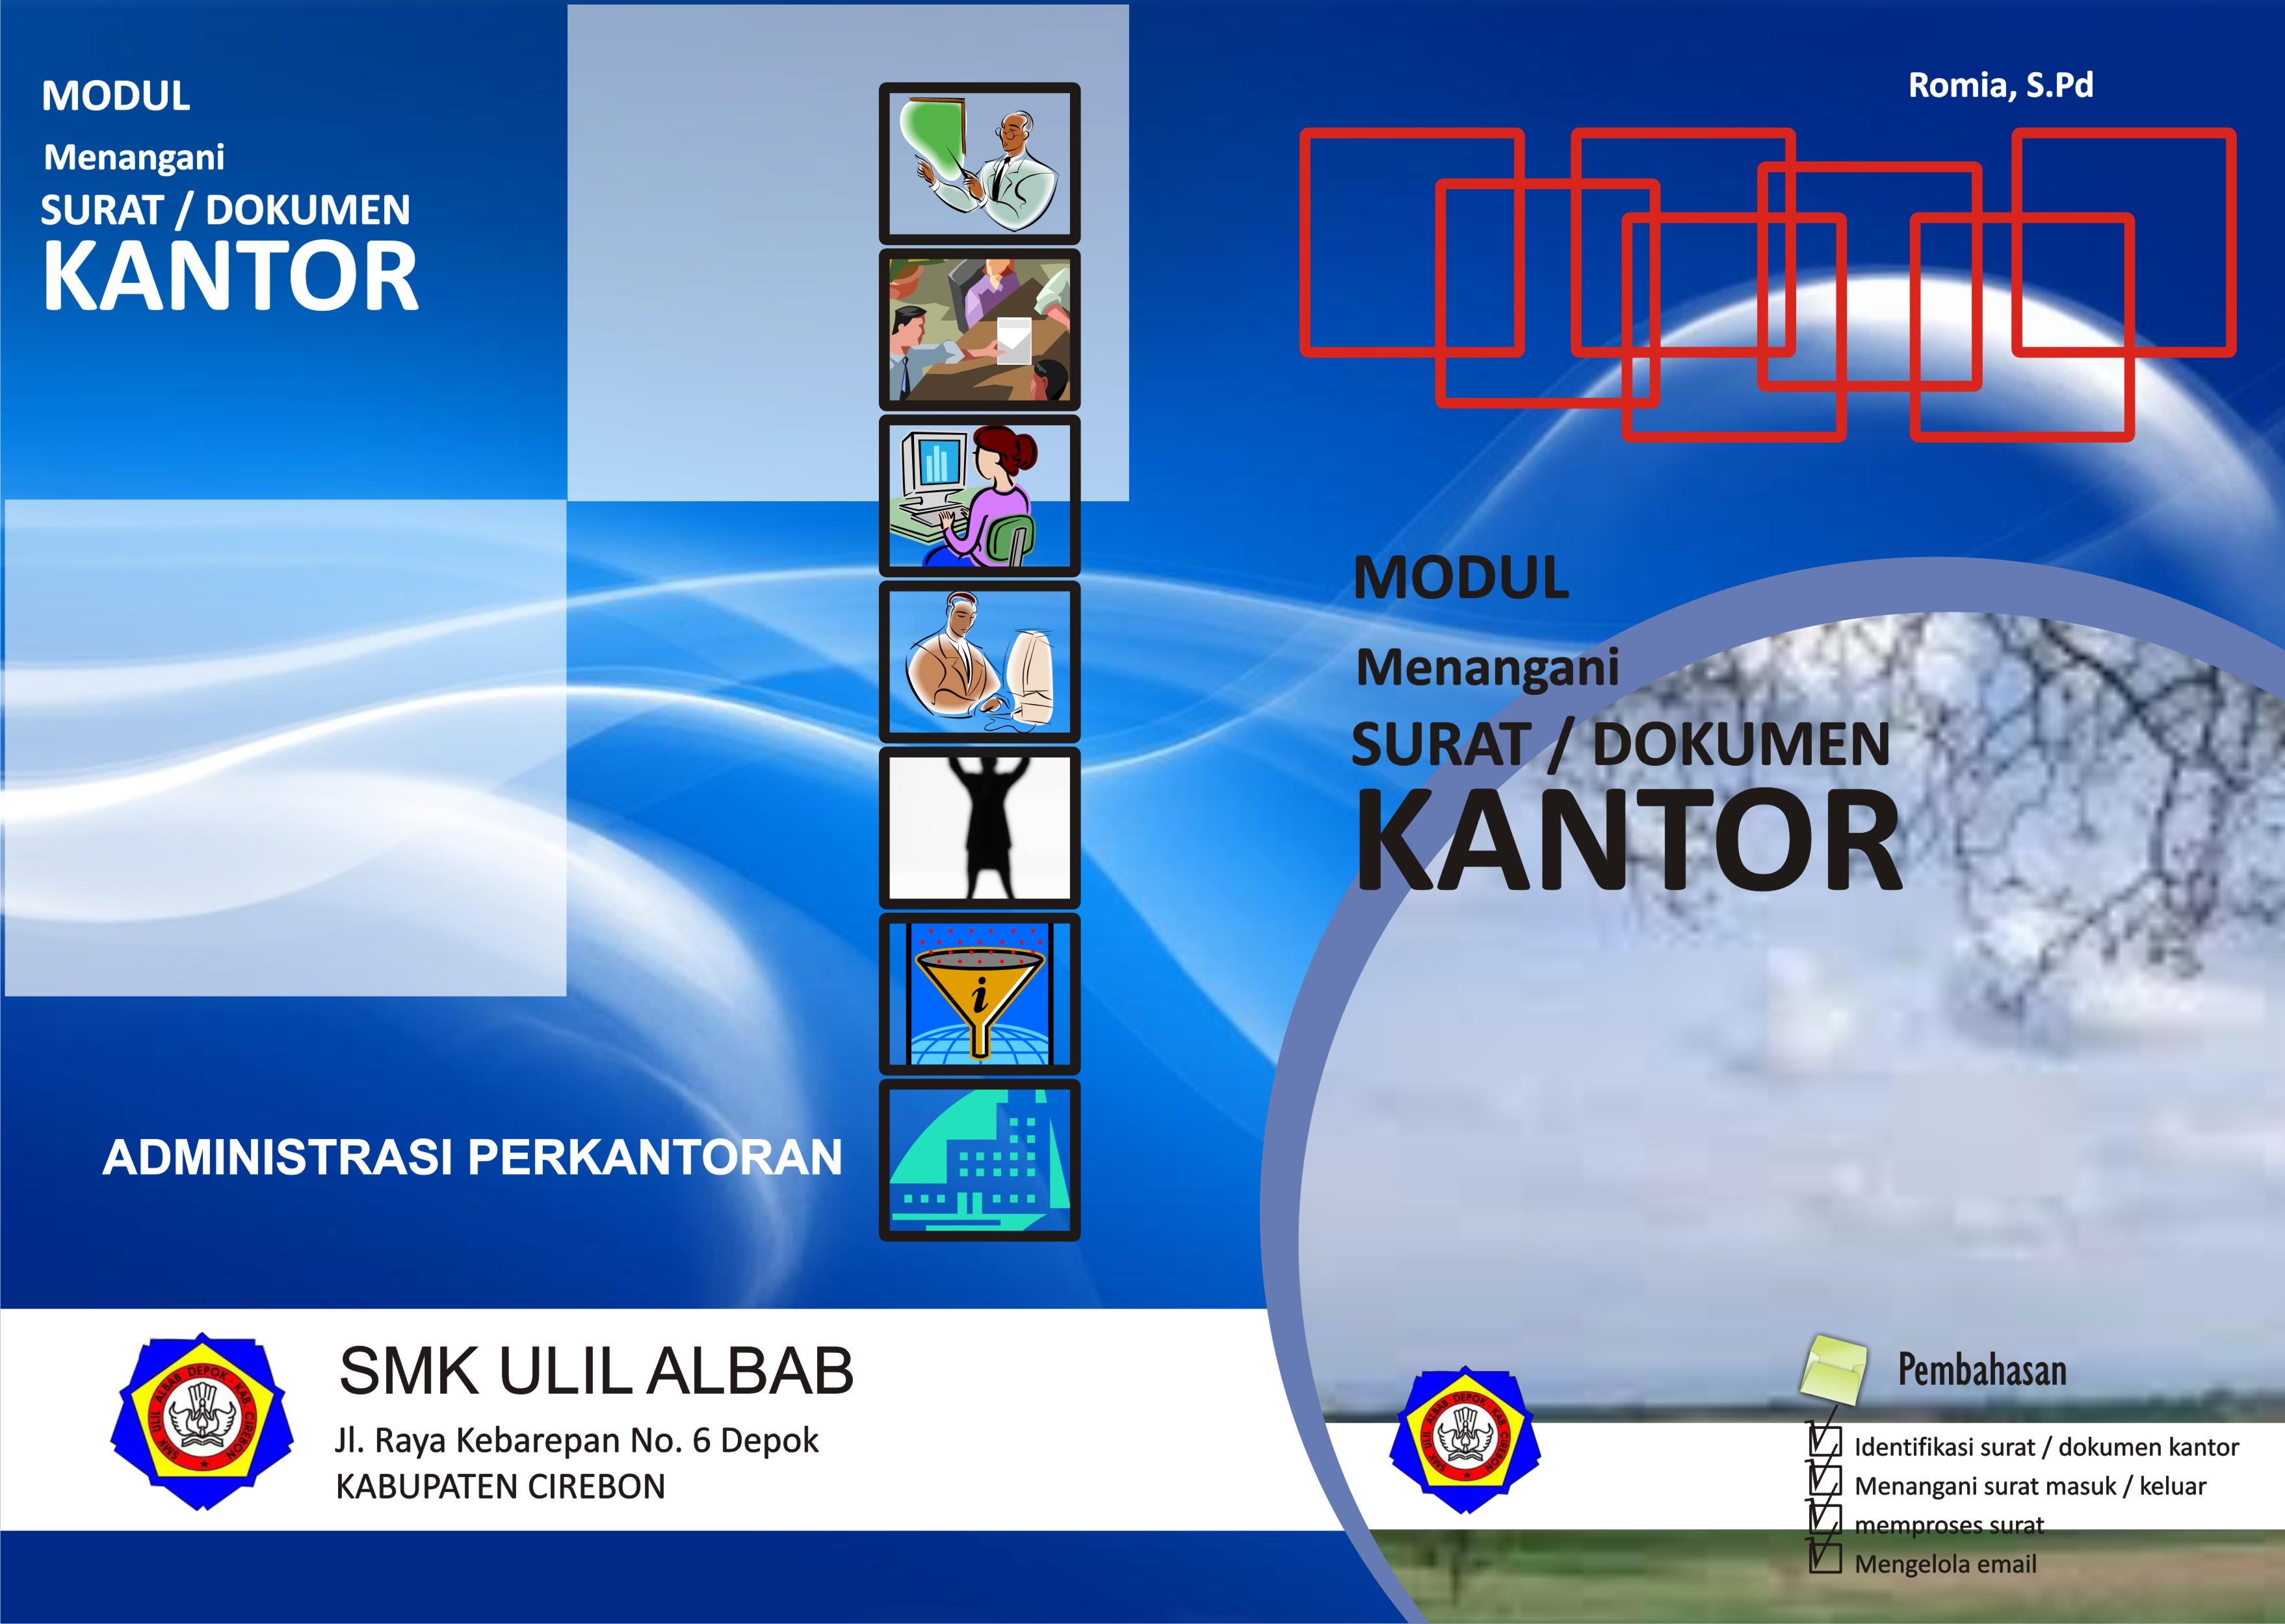 Download Kamar Mandi Minimalis Ukuran Kecil Dalam Ukuran ...